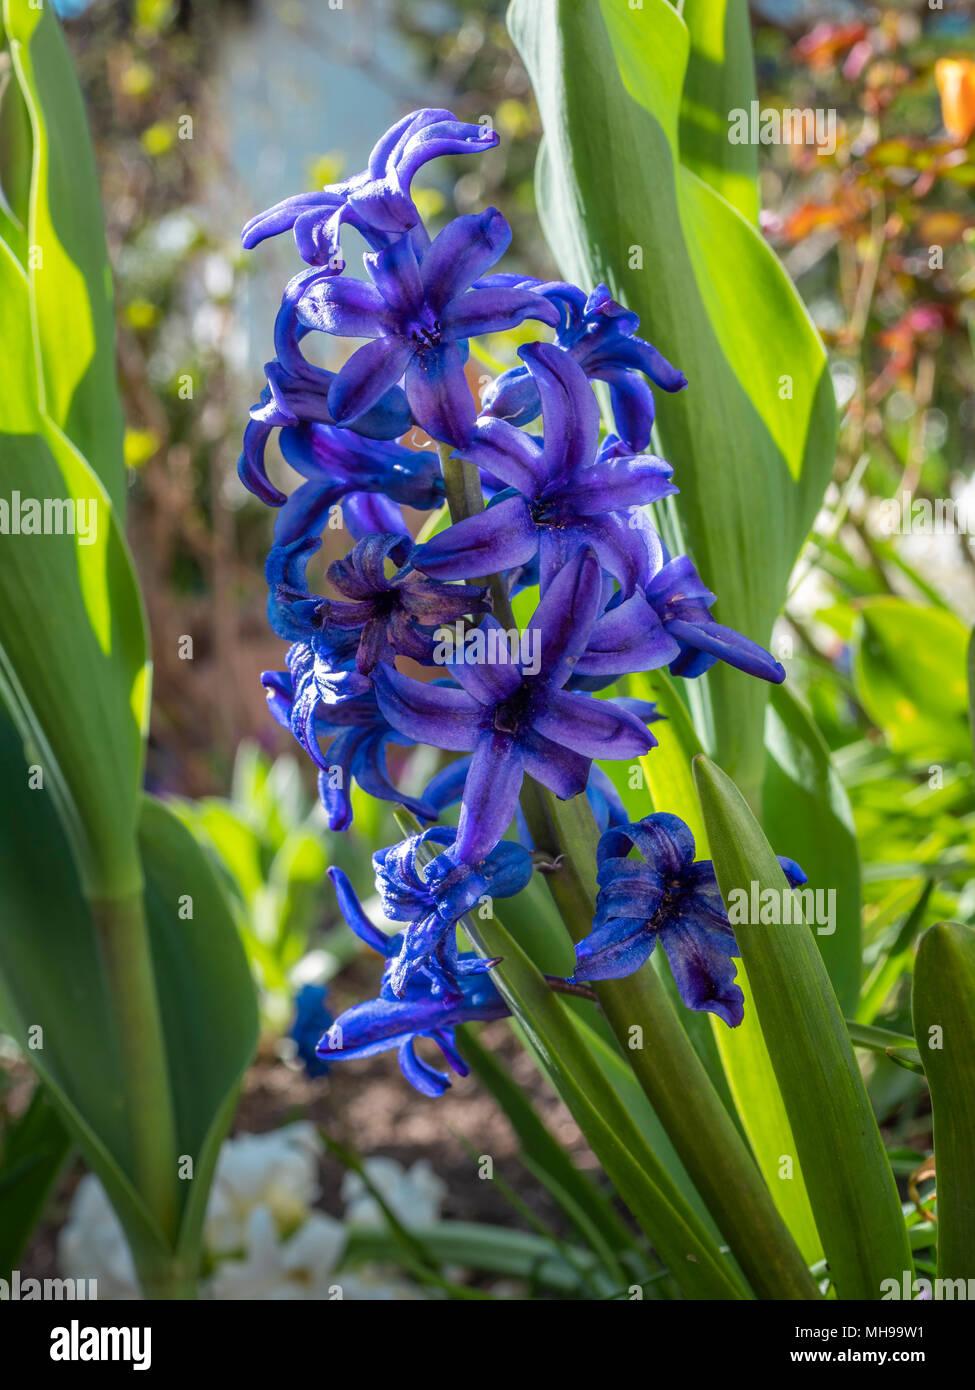 Blauer Garten Hyazinthe (Hyacinthus), Familie der Spargel (Asparagaceae) Stockbild